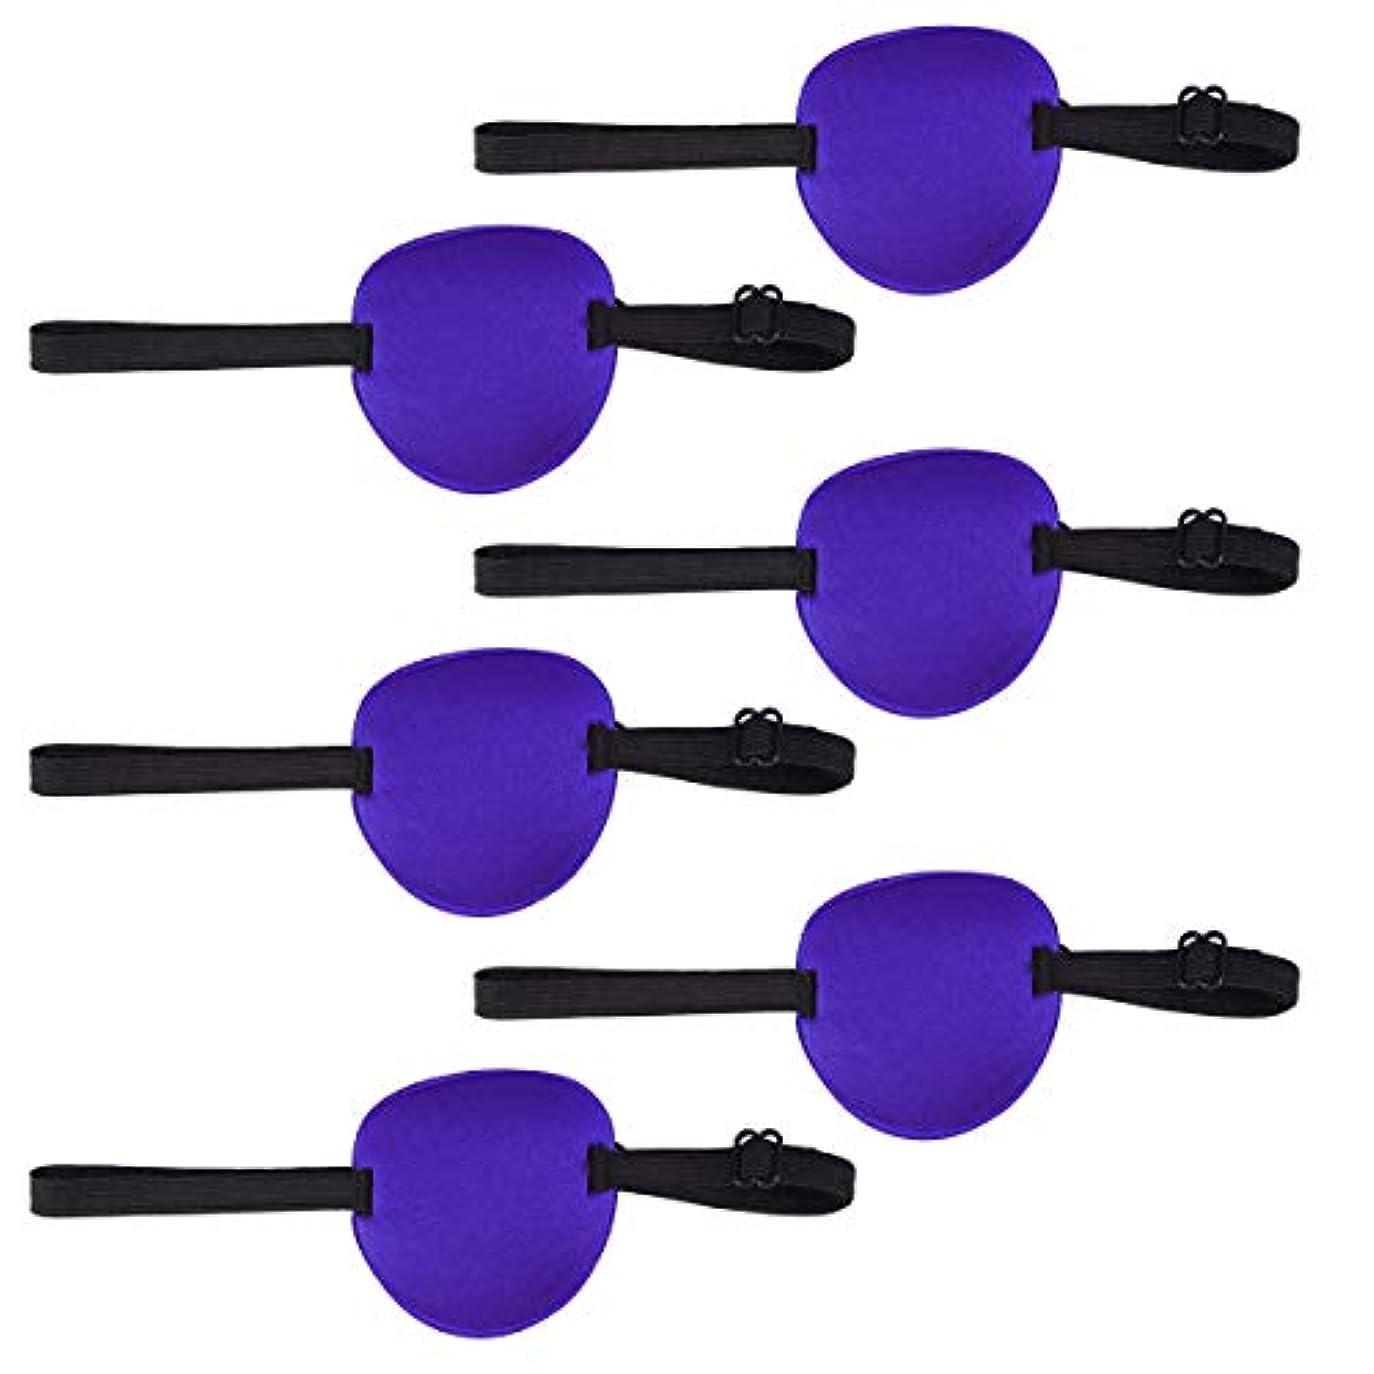 おびえたバング誇張するSUPVOX 弱視アイパッチ医療用凹面パッチストレッチストリップバックル単眼スポンジパッド付6個(青)